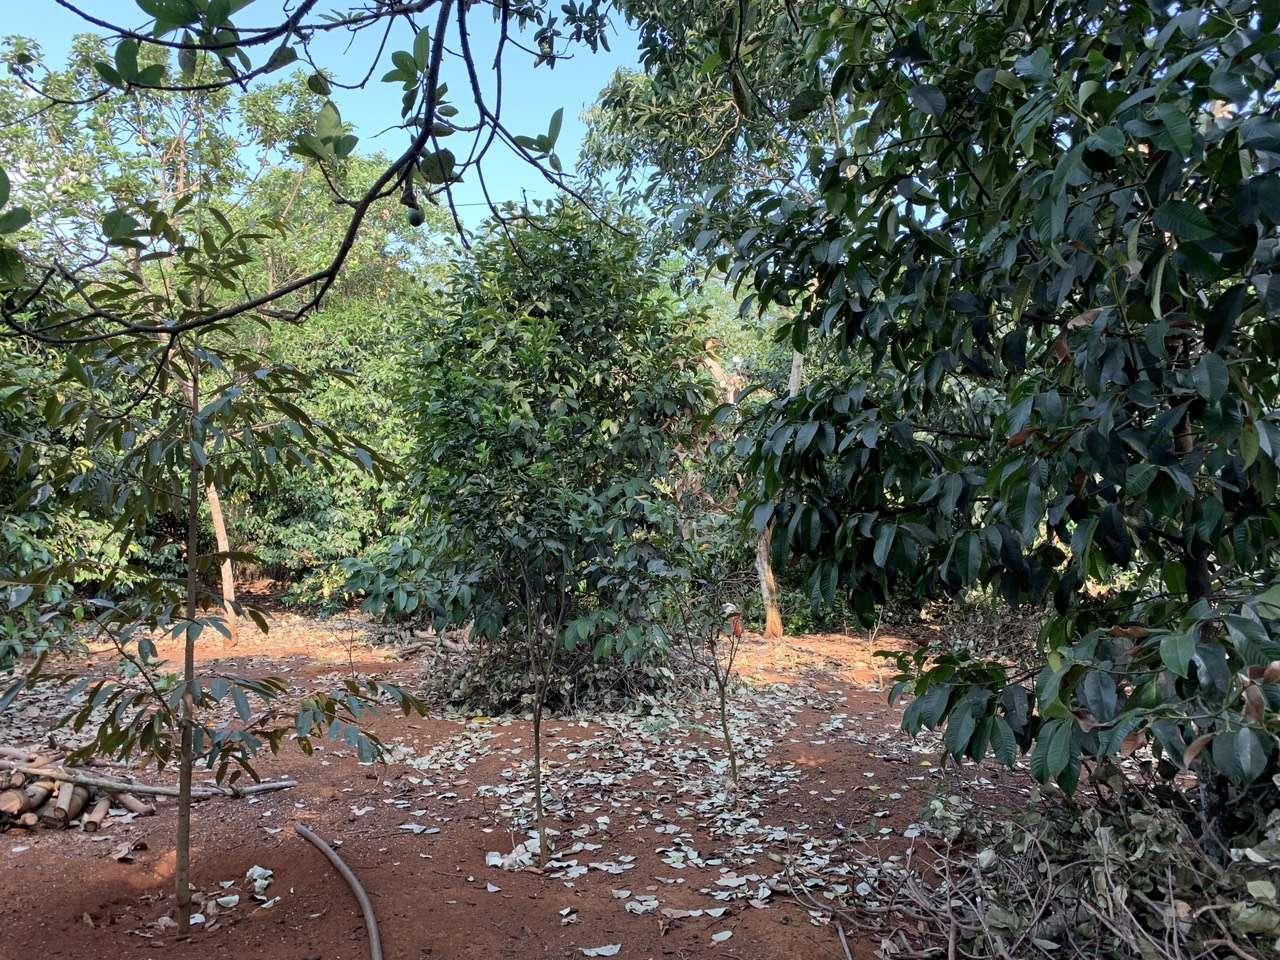 N007 - Bán đất có vườn cây ăn trái, có 3 mặt tiền, giá 2,6 tỷ tại Xà Bang, Châu Đức, BRVT | VOVEREAL